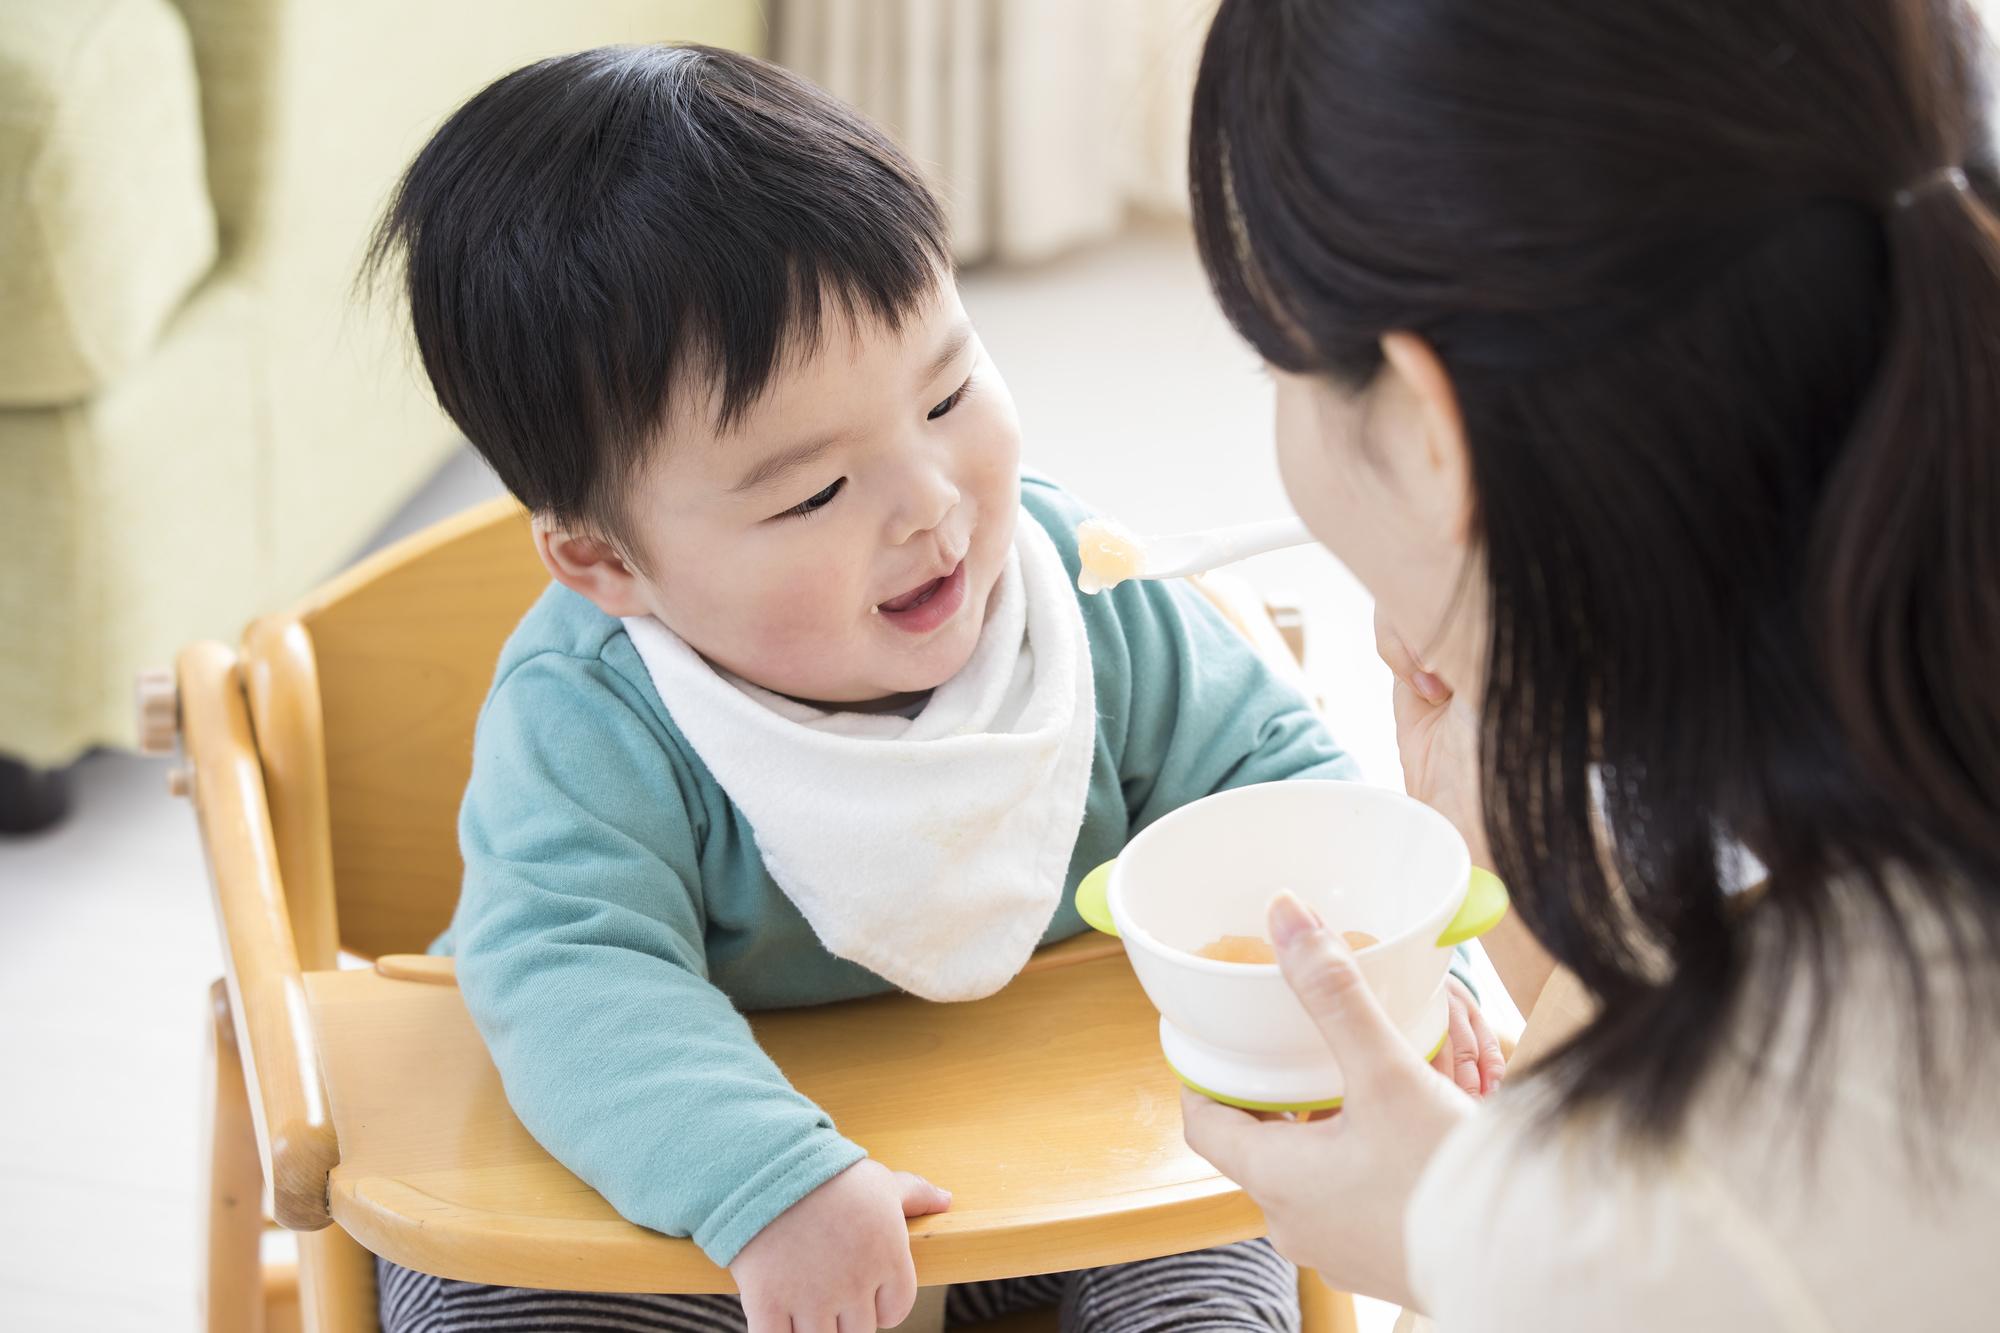 ご飯を食べる1歳児の男の子